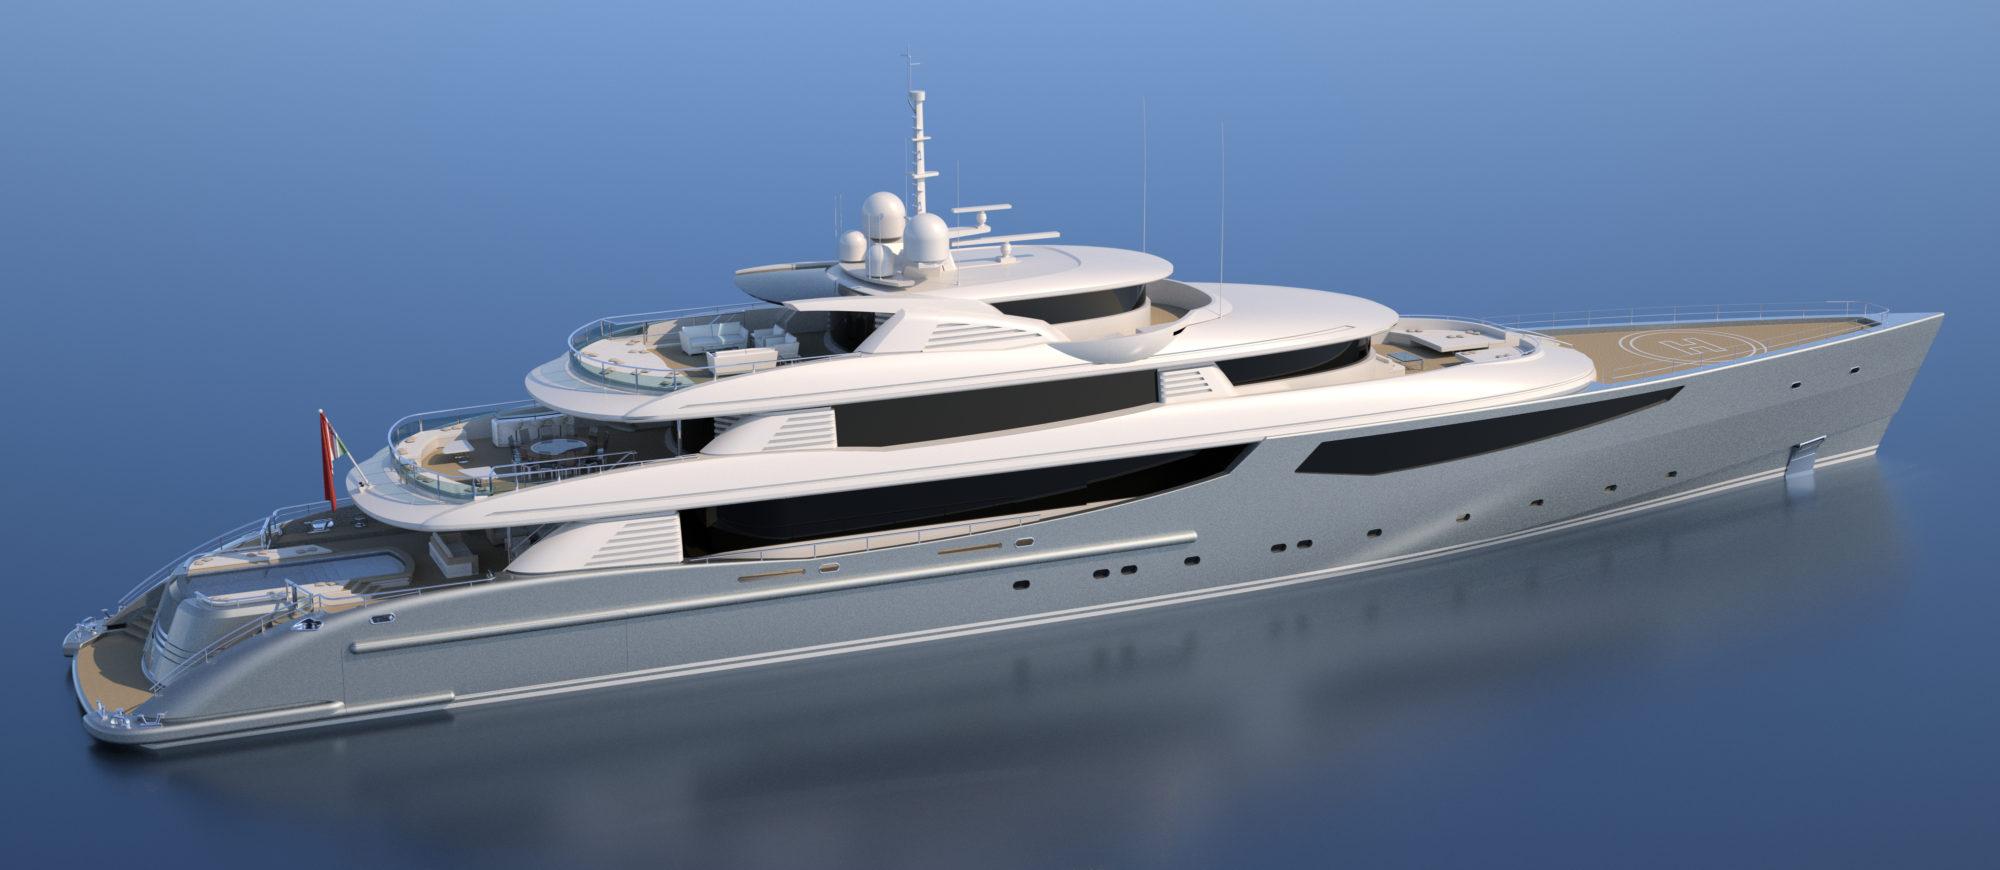 Conrad C233 Superyacht Concept Vallicelli Visualisation Exterior 2